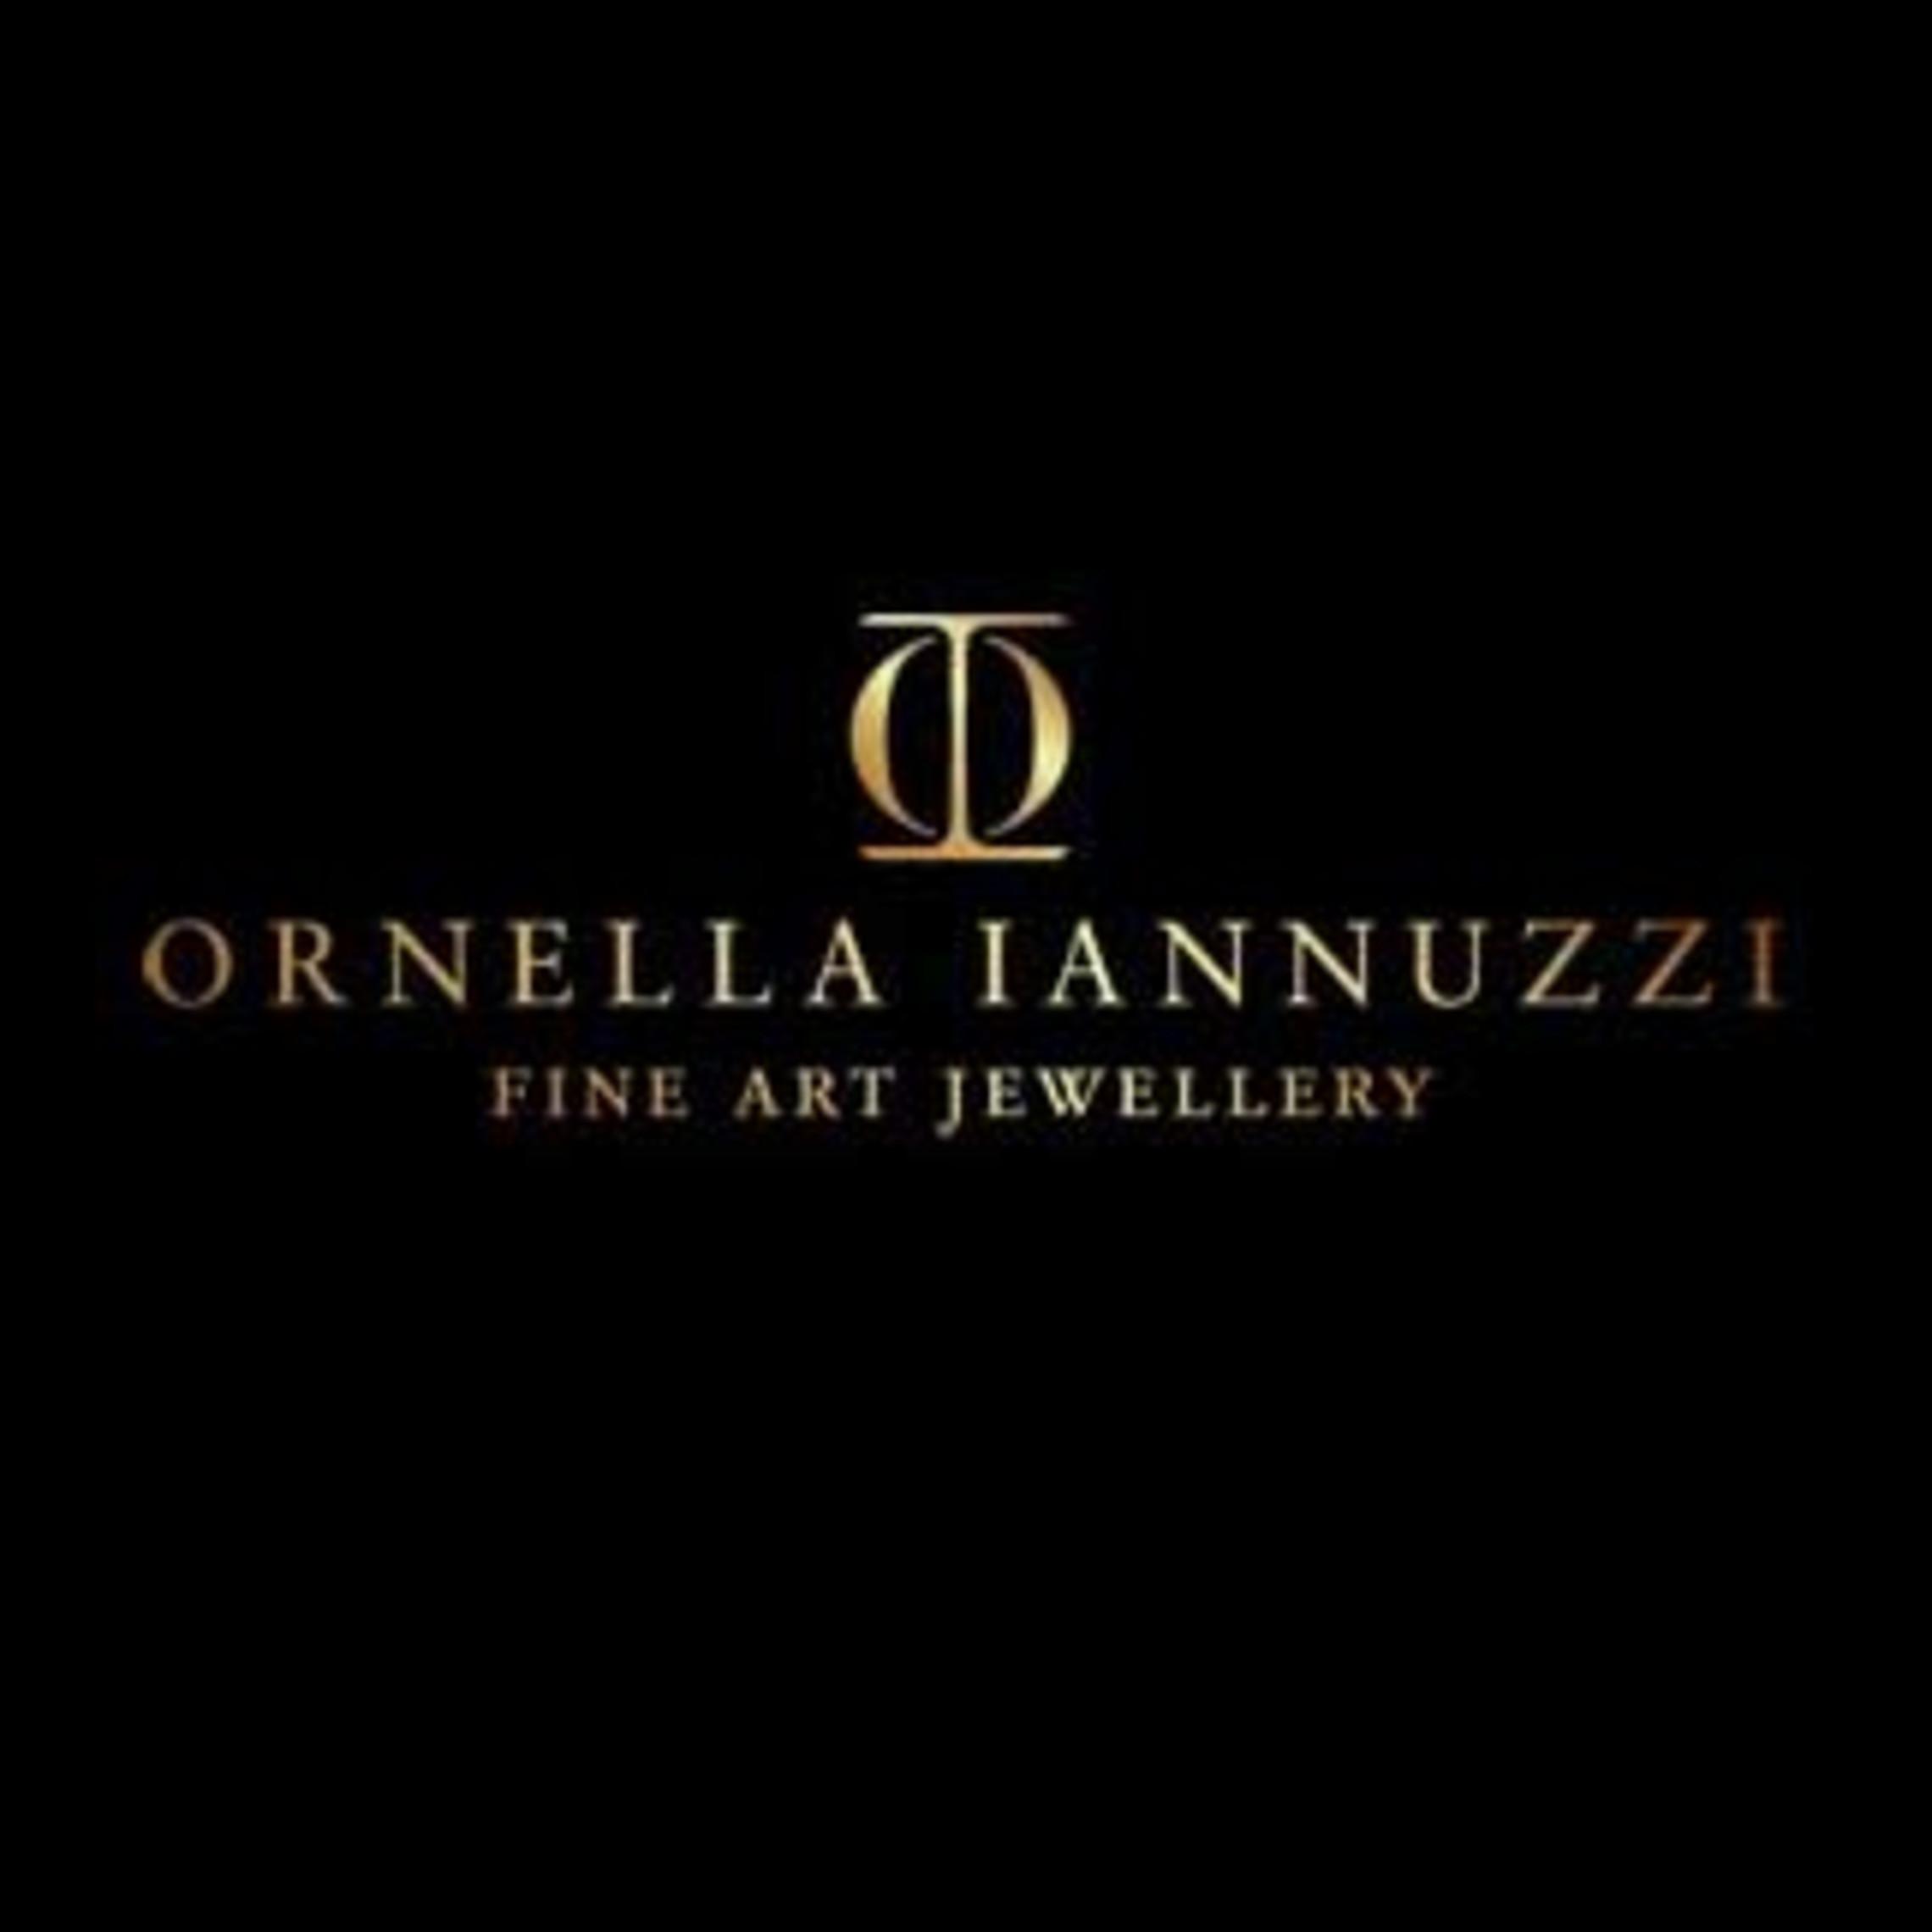 ornella iannuzzi fine- company logo